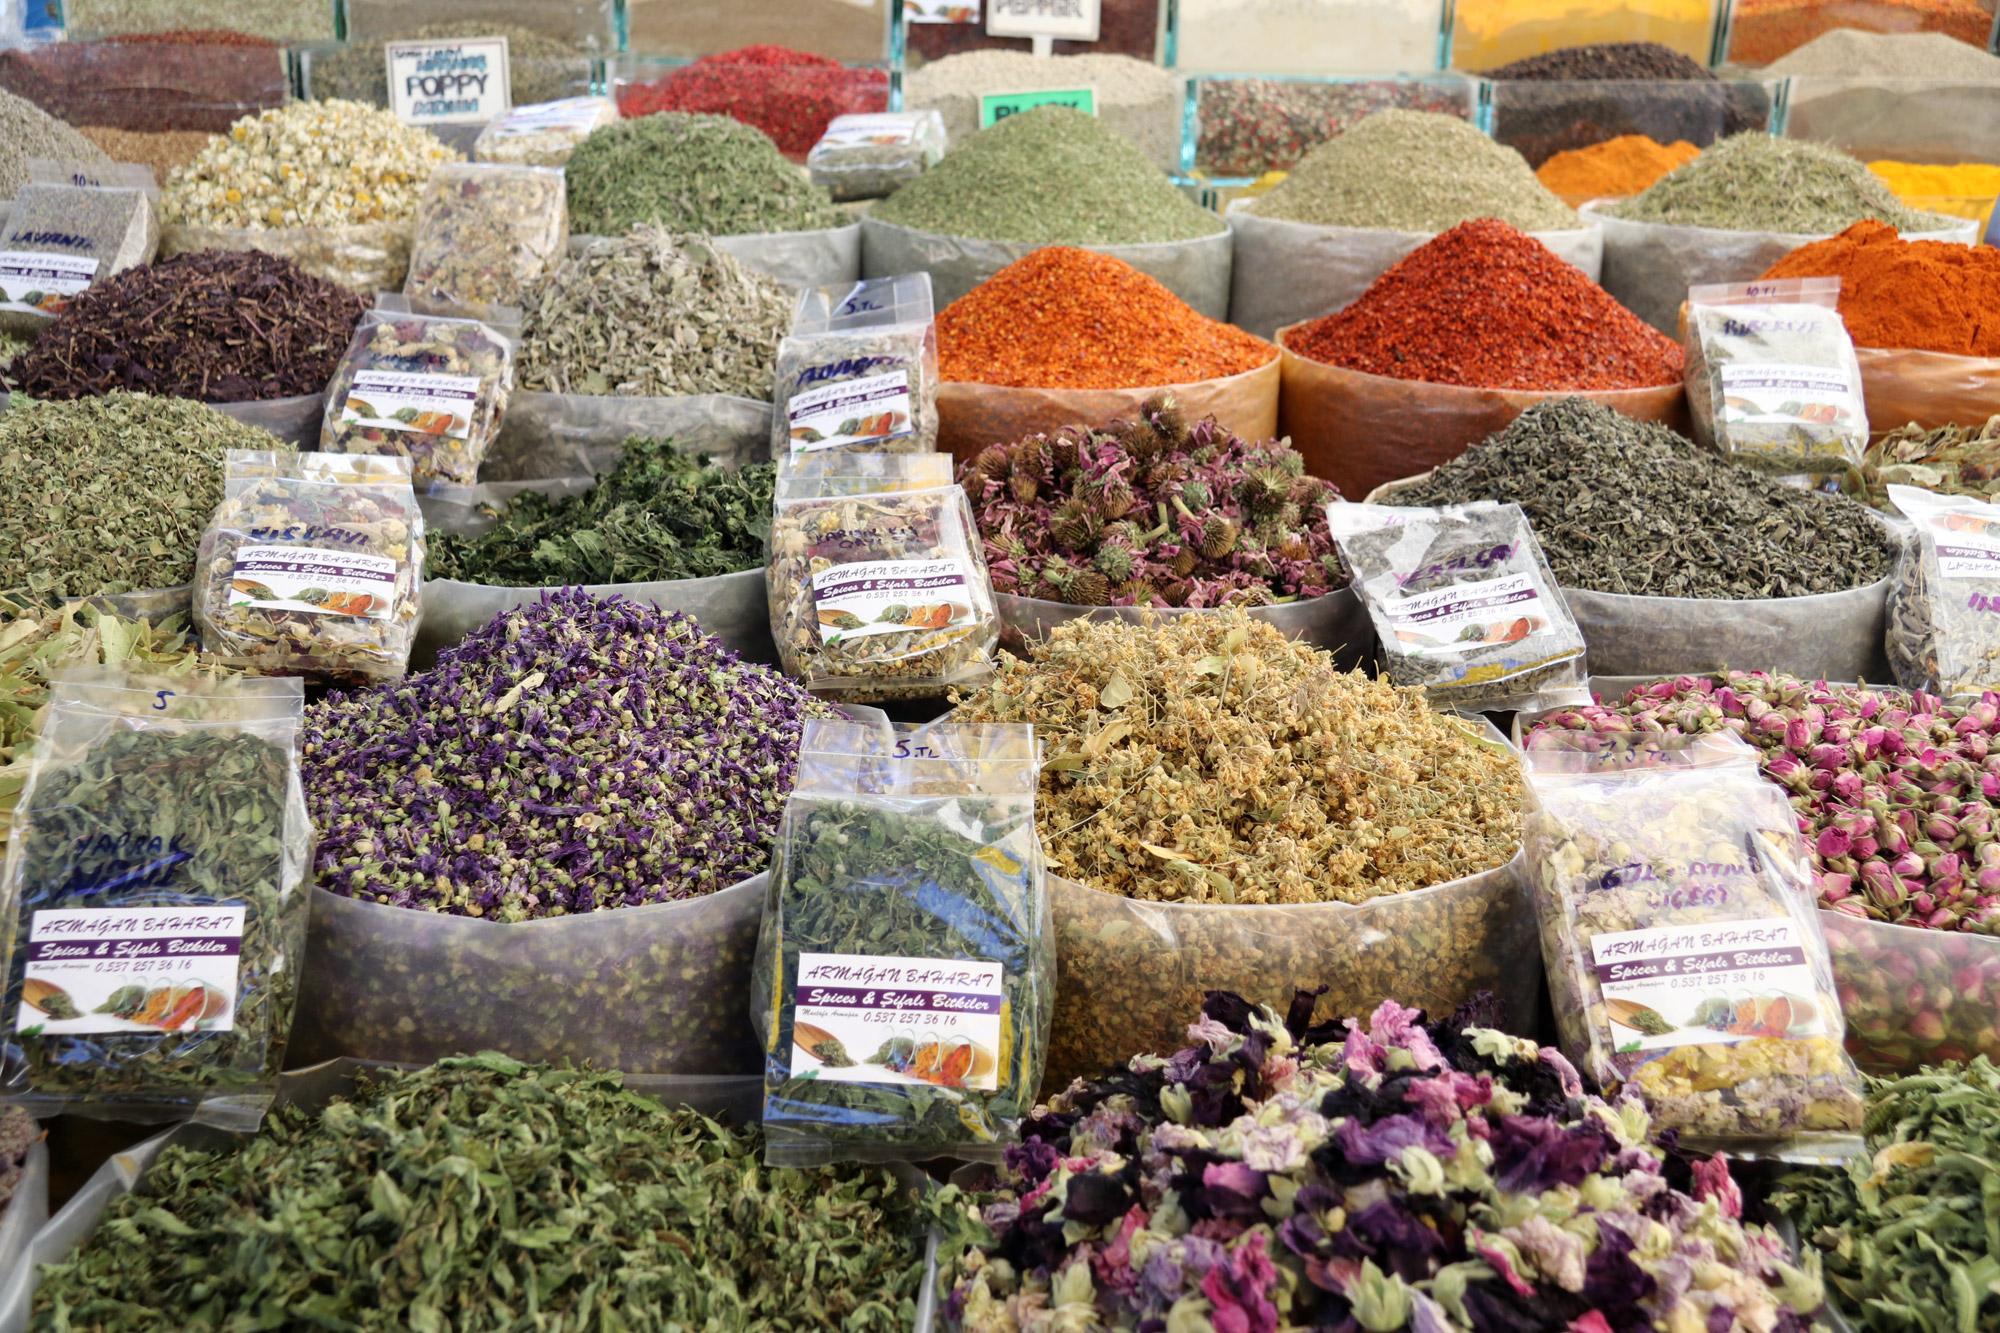 Turkije reisverslag: Laatste dag in Alaçatı - Kruiden en specerijen op de markt van Alaçatı